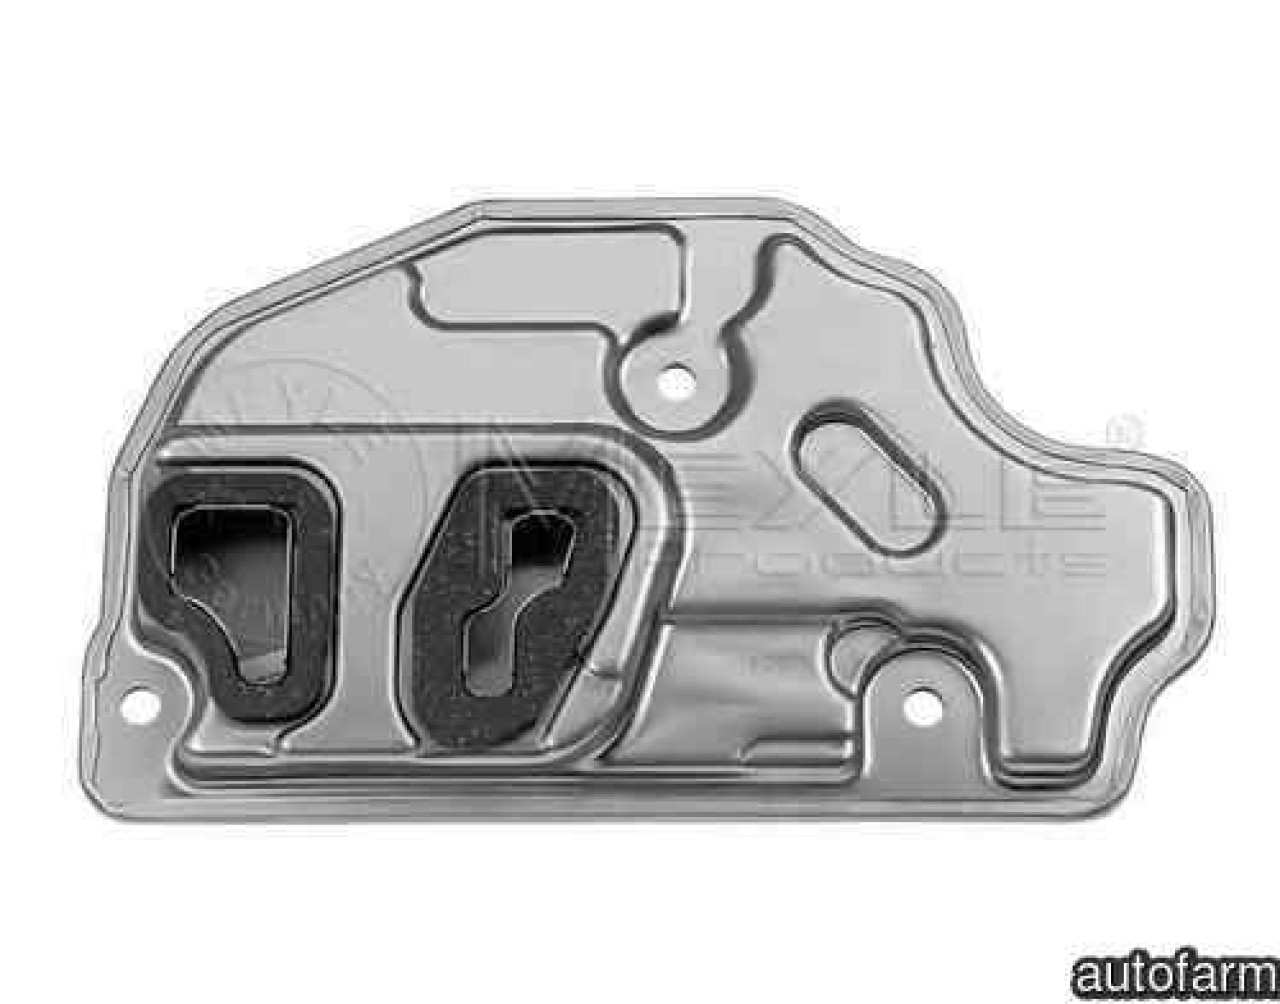 Filtru hidraulic cutie de viteze automata VW TOURAN 1T1 1T2 MEYLE 100 325 0007